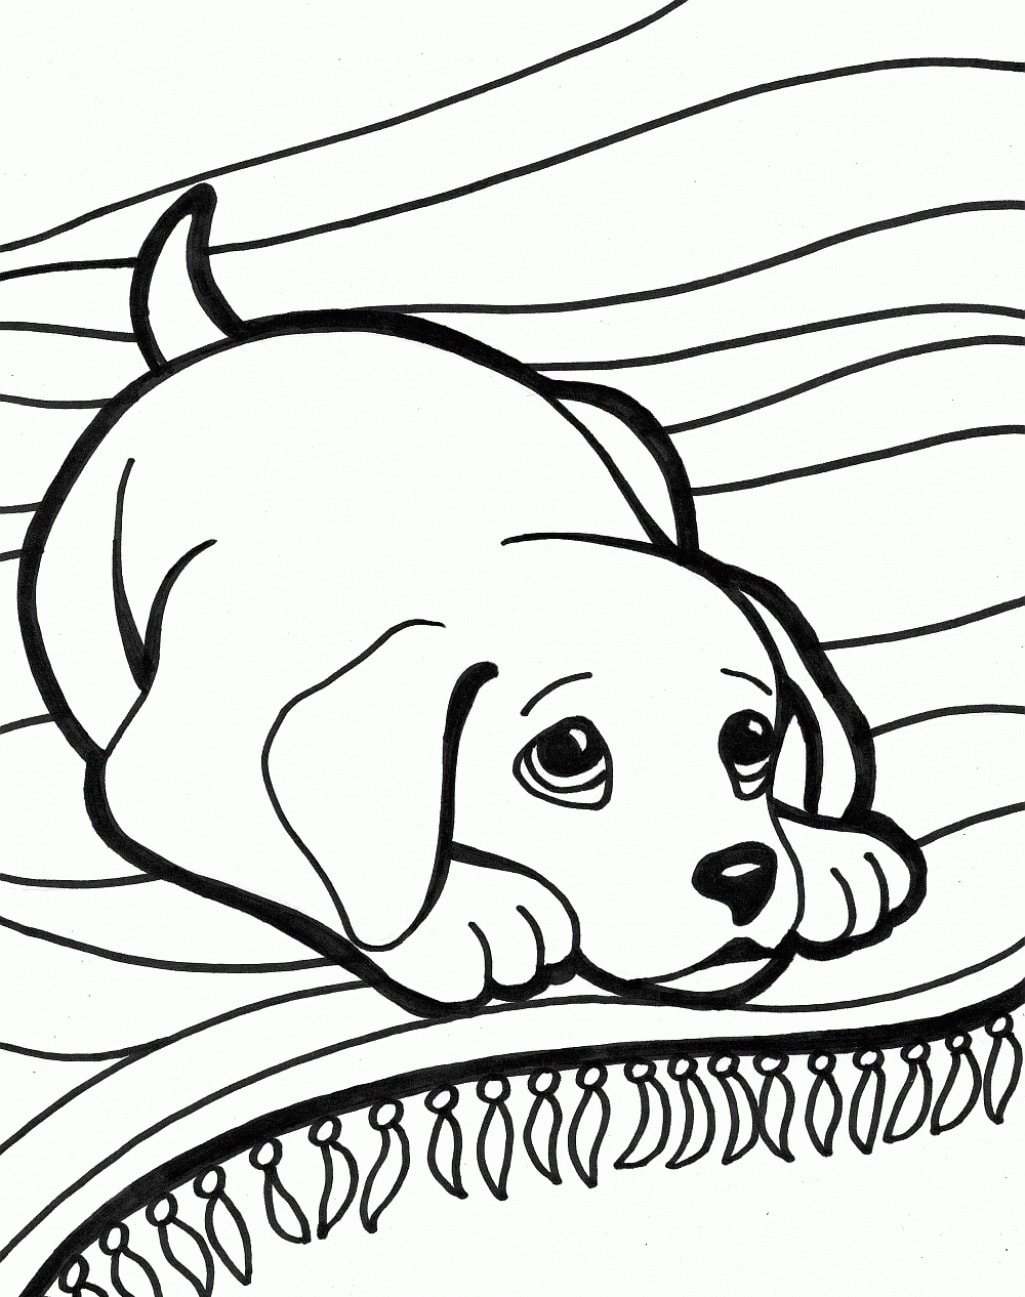 Hunde Malvorlagen Für Kinder. Drucken Sie Online Kostenlos! bestimmt für Malvorlagen Hunde